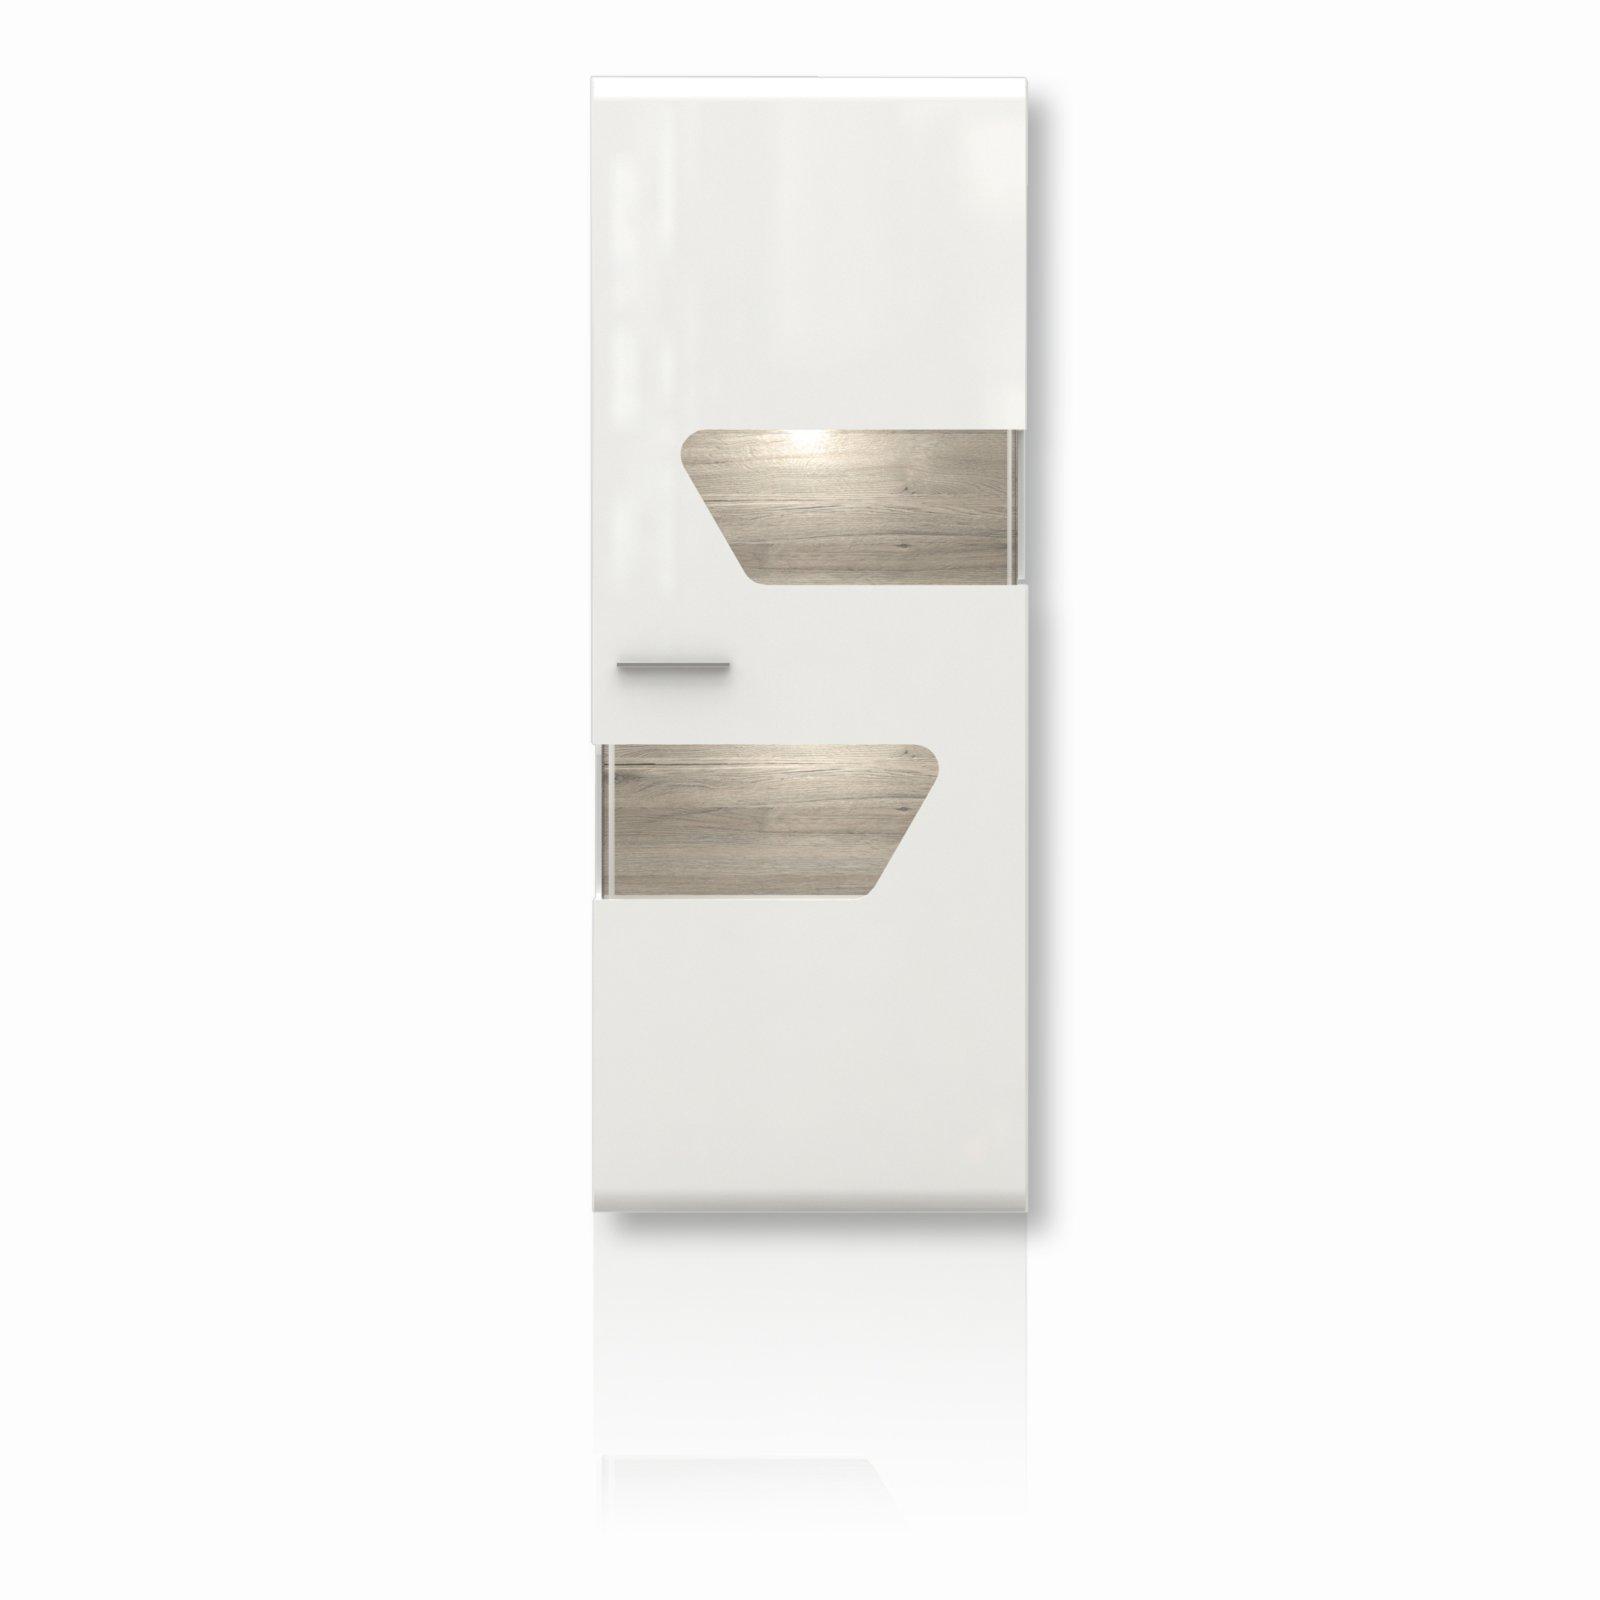 vitrine 70 cm breit bestseller shop f r m bel und einrichtungen. Black Bedroom Furniture Sets. Home Design Ideas